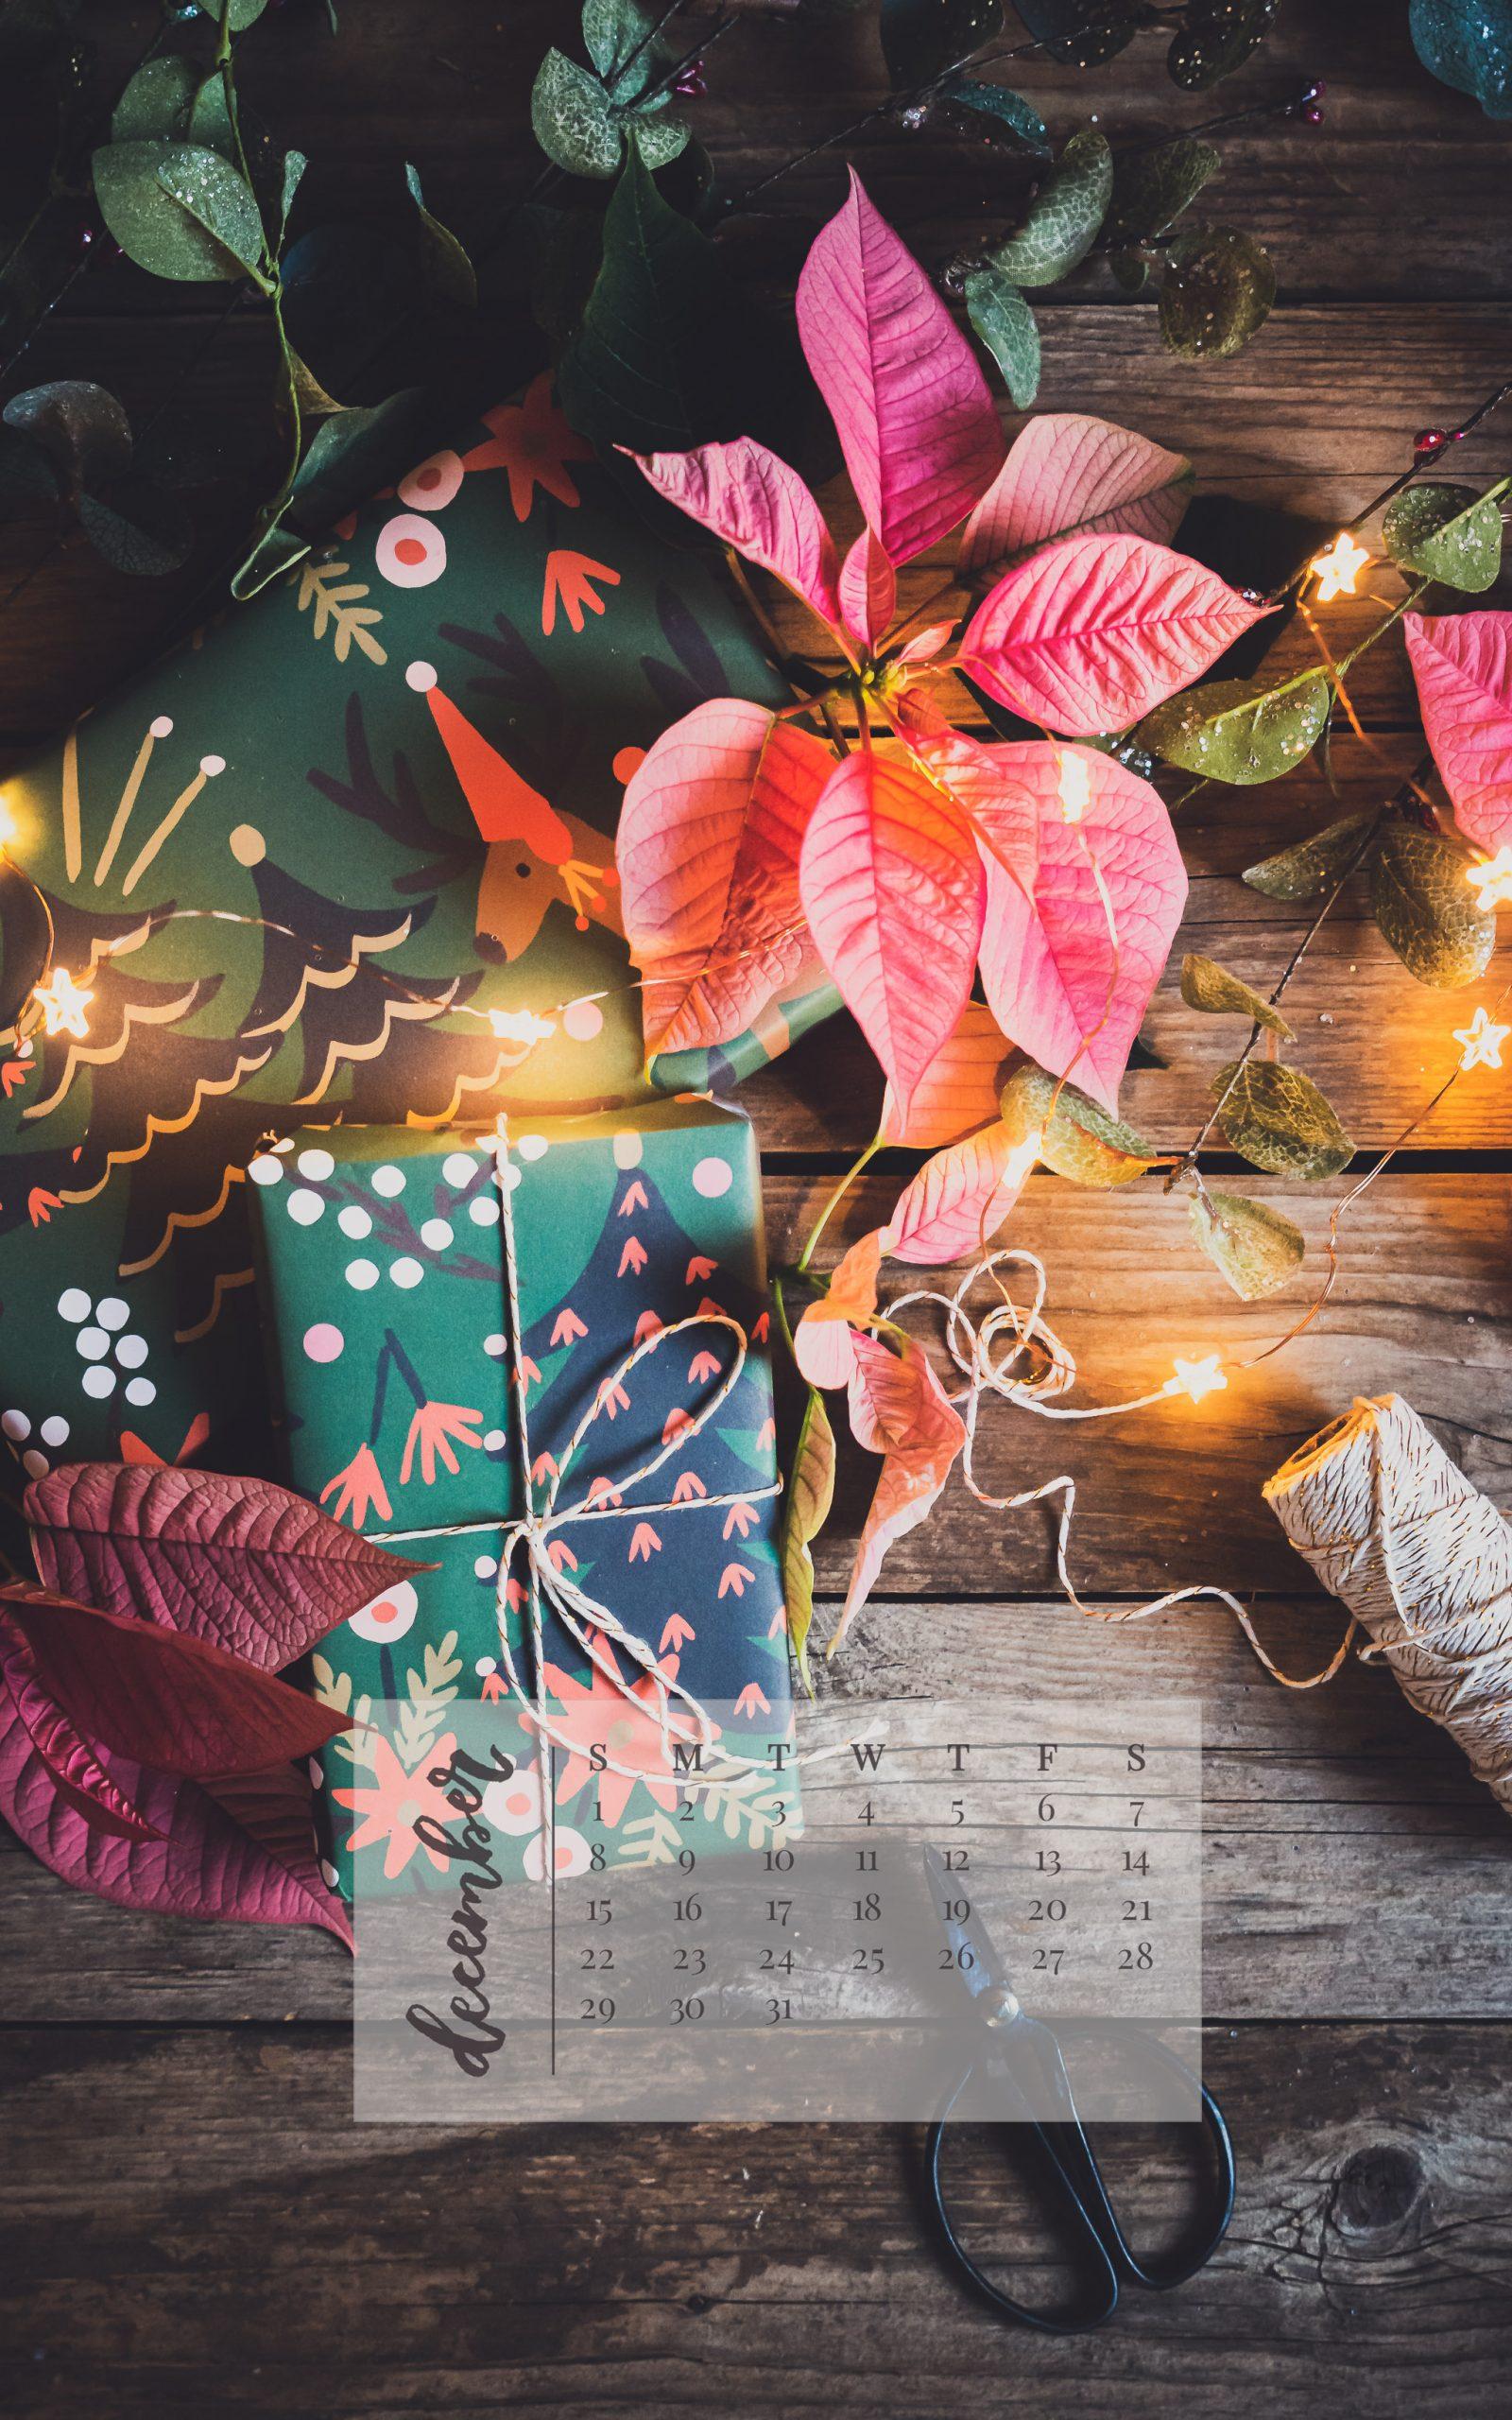 December 2019 Device Calendar